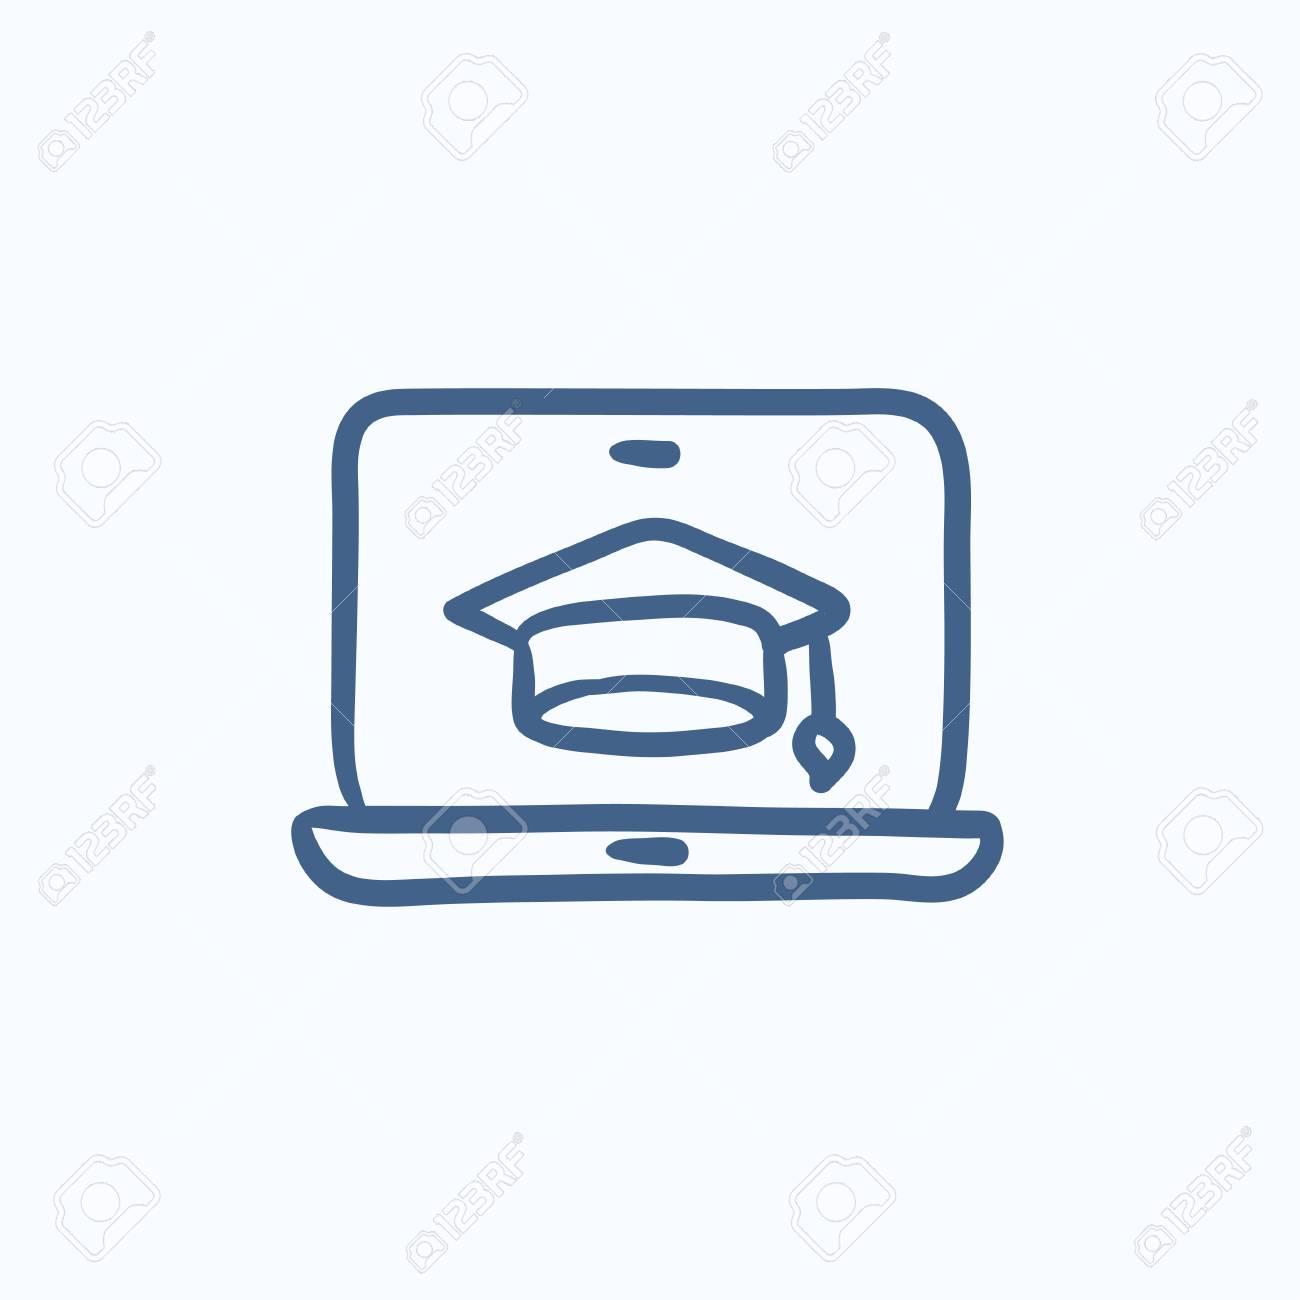 Ordenador Portátil Con Tapa De Graduación En Icono De Dibujo